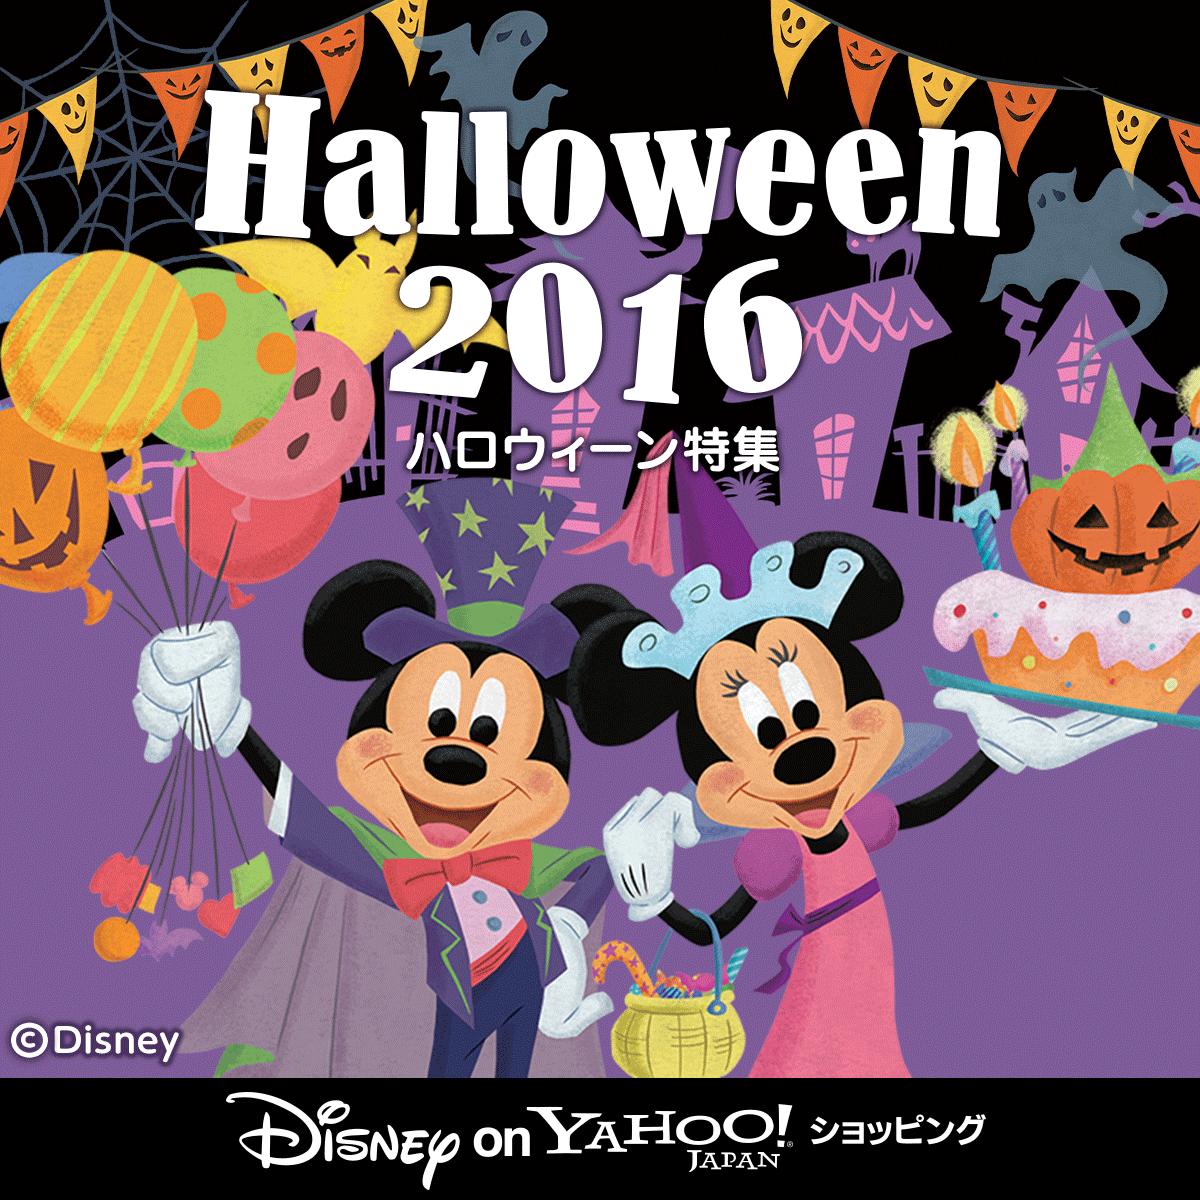 ハロウィーン2016特集 - Disney on Yahoo!ショッピング - Yahoo!ショッピング